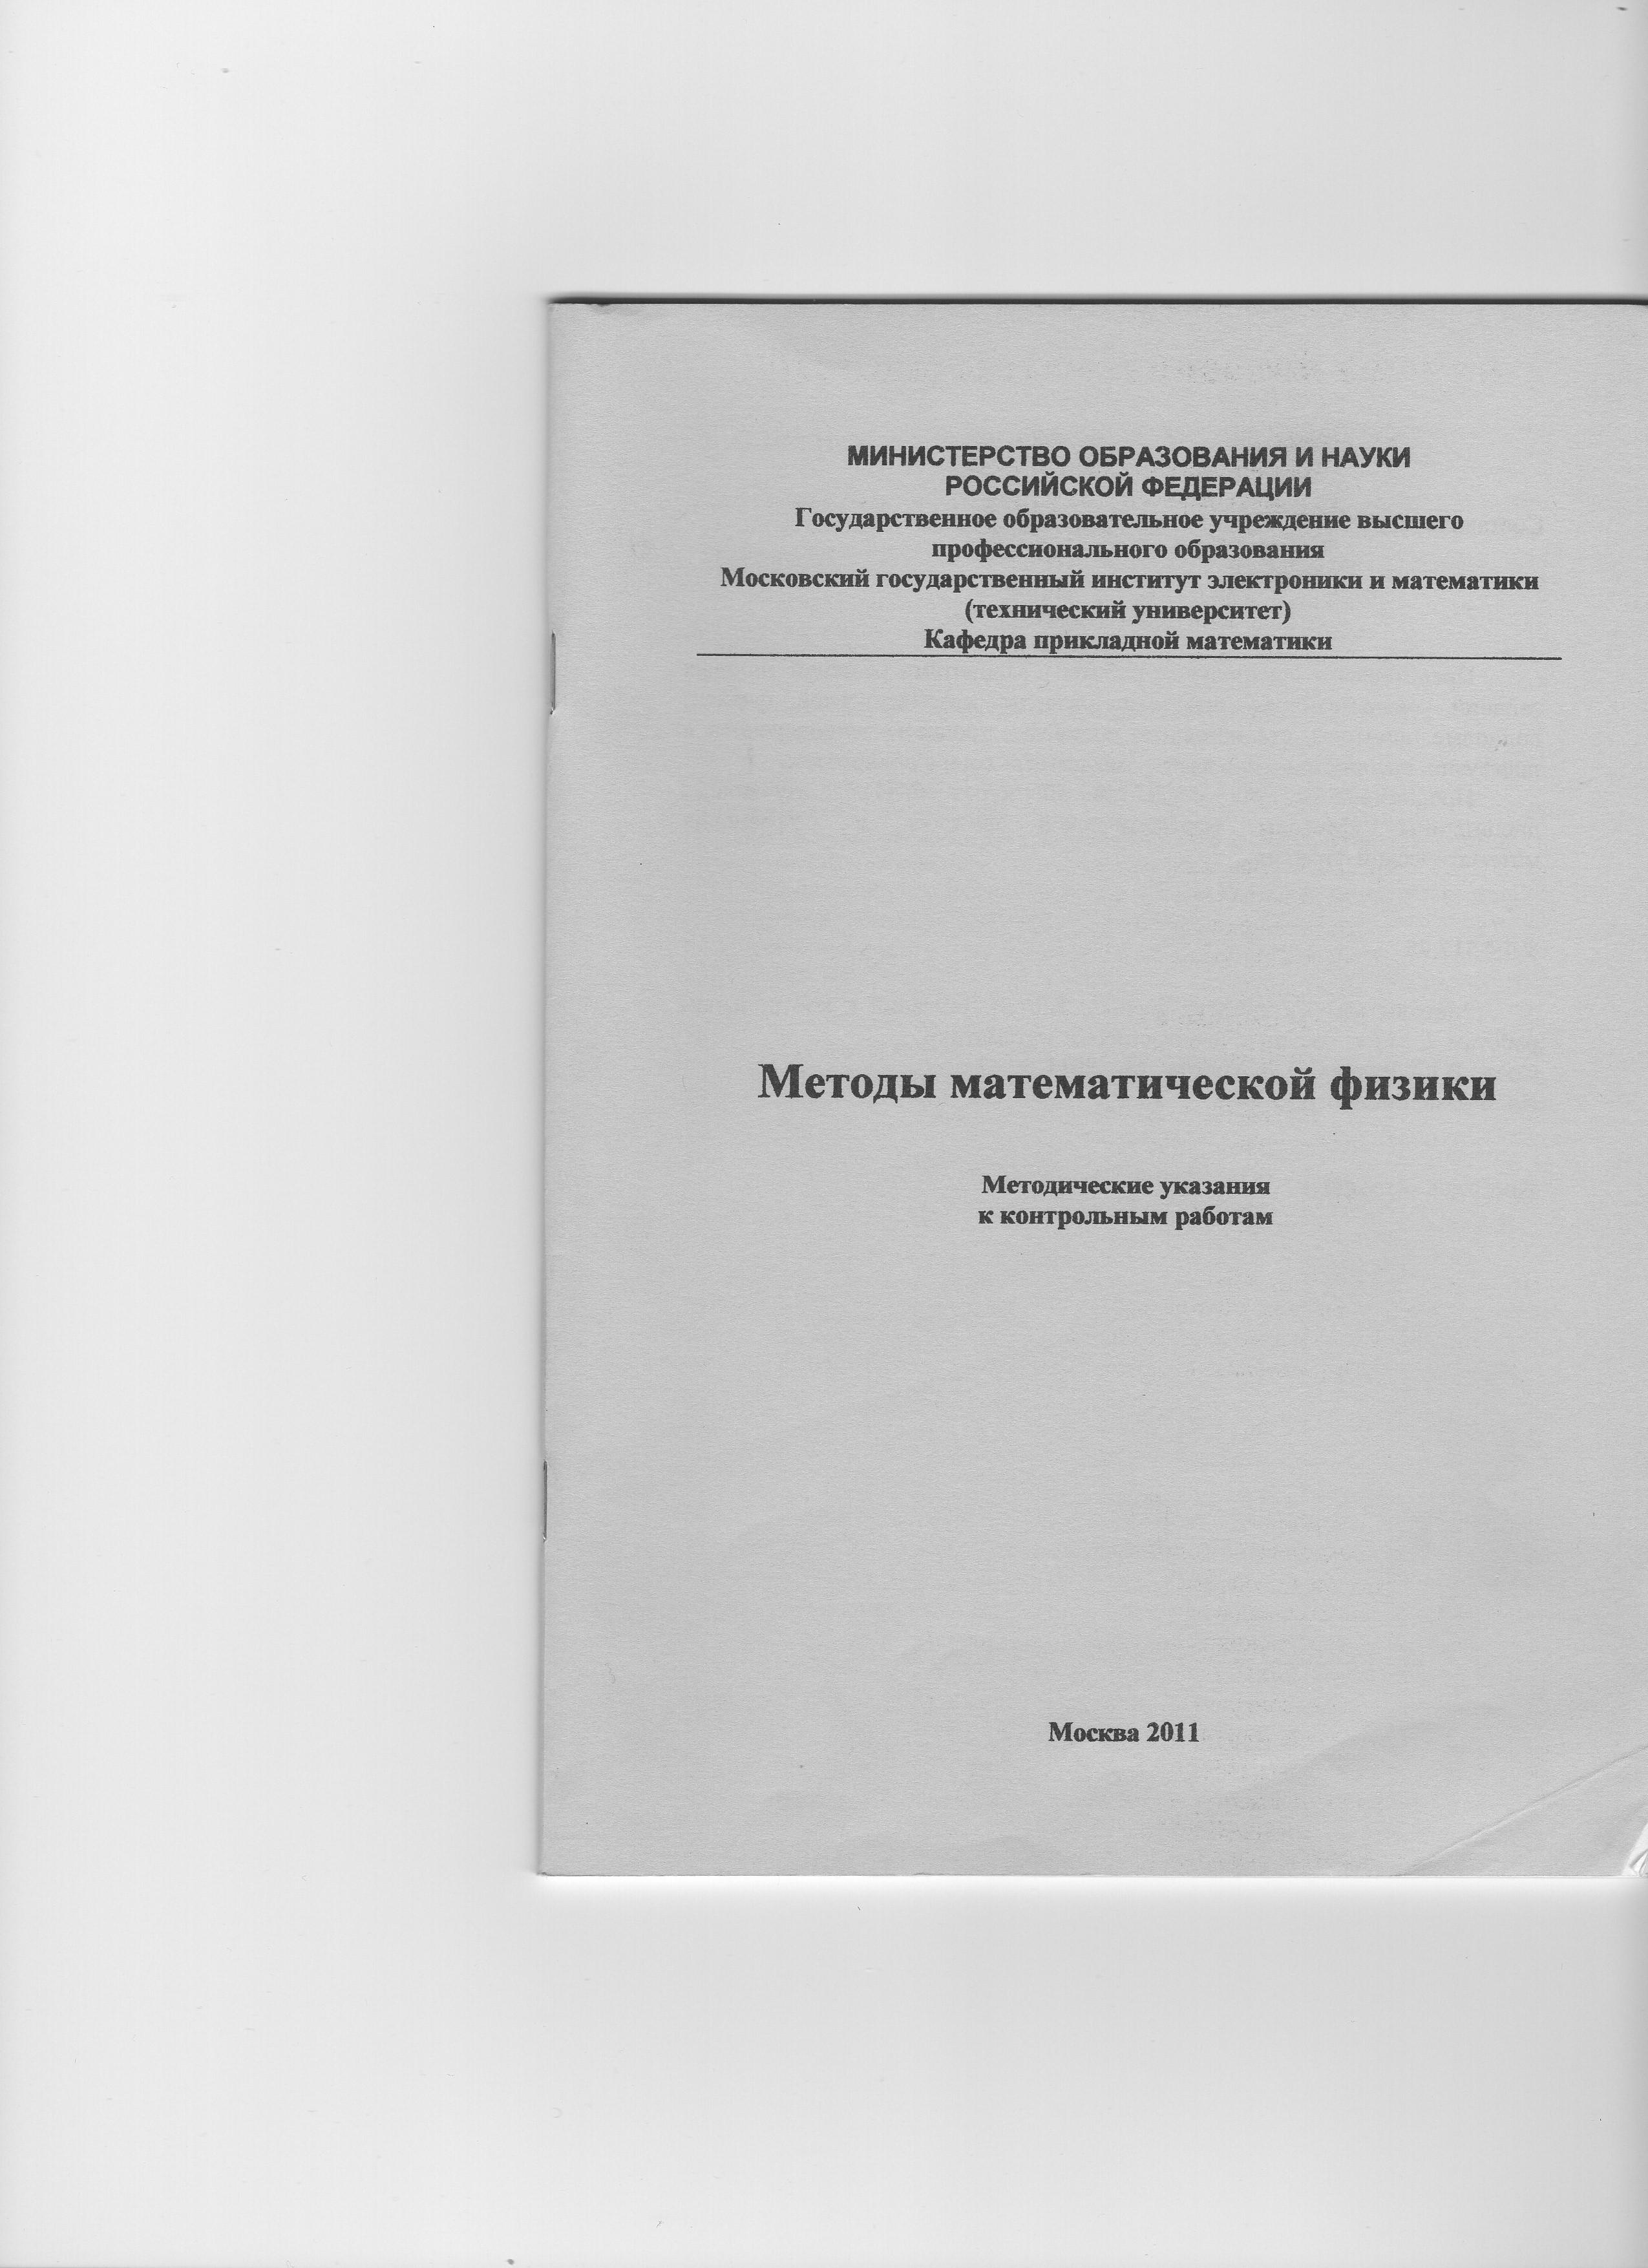 Сборник контрольных работ и методических указаний для их выполнения по дисциплине «Методы математической физики». Методические указания к контрольным работам